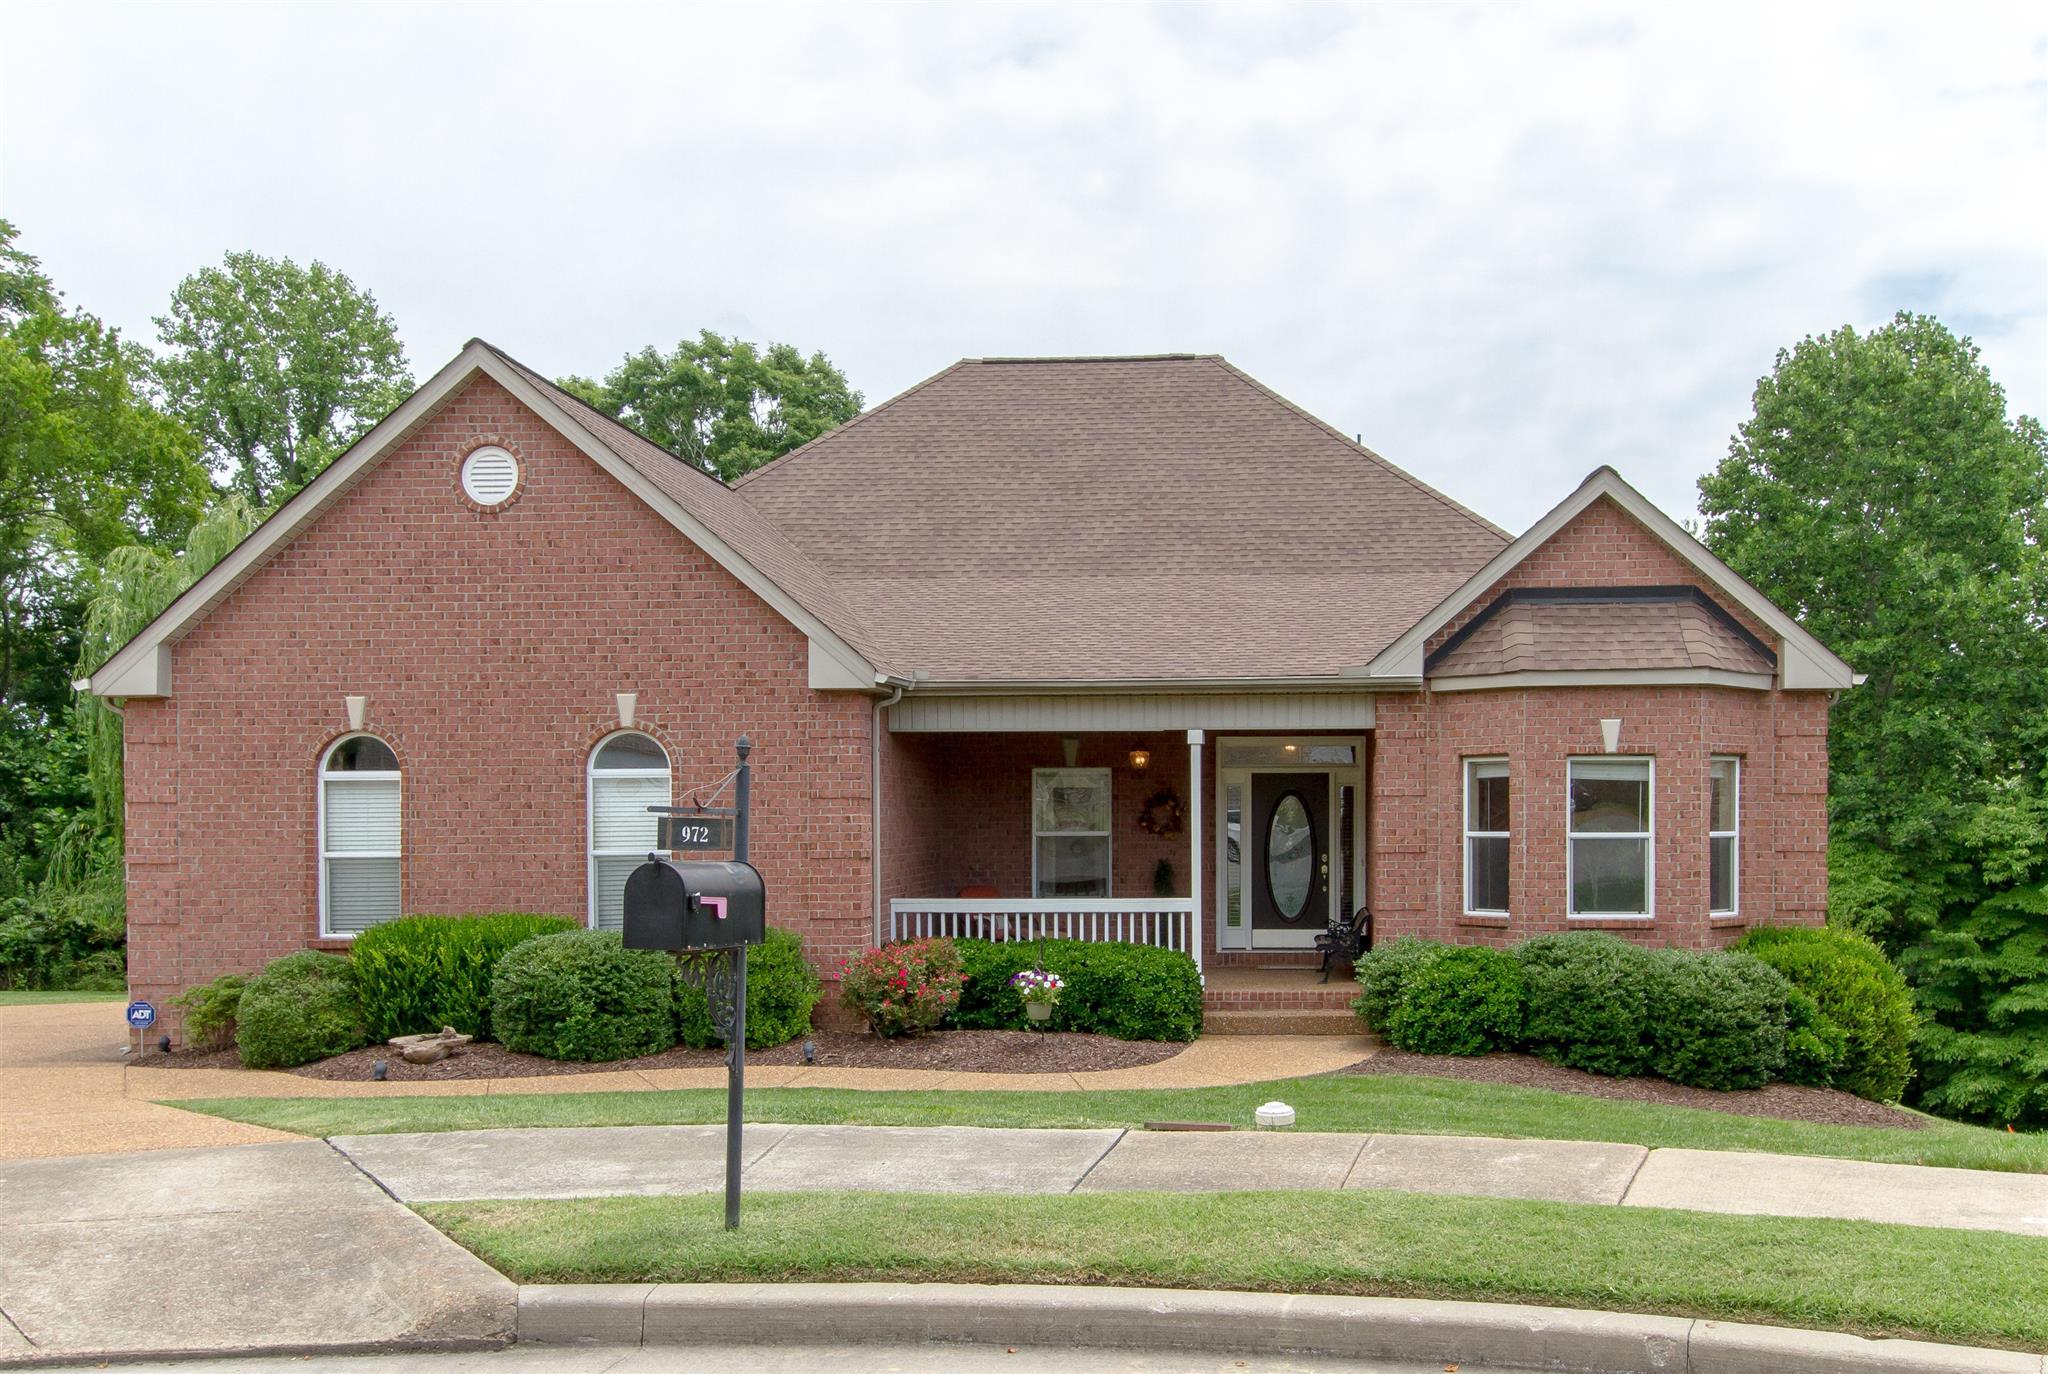 972 Century Oak Dr, Nashville, TN 37211